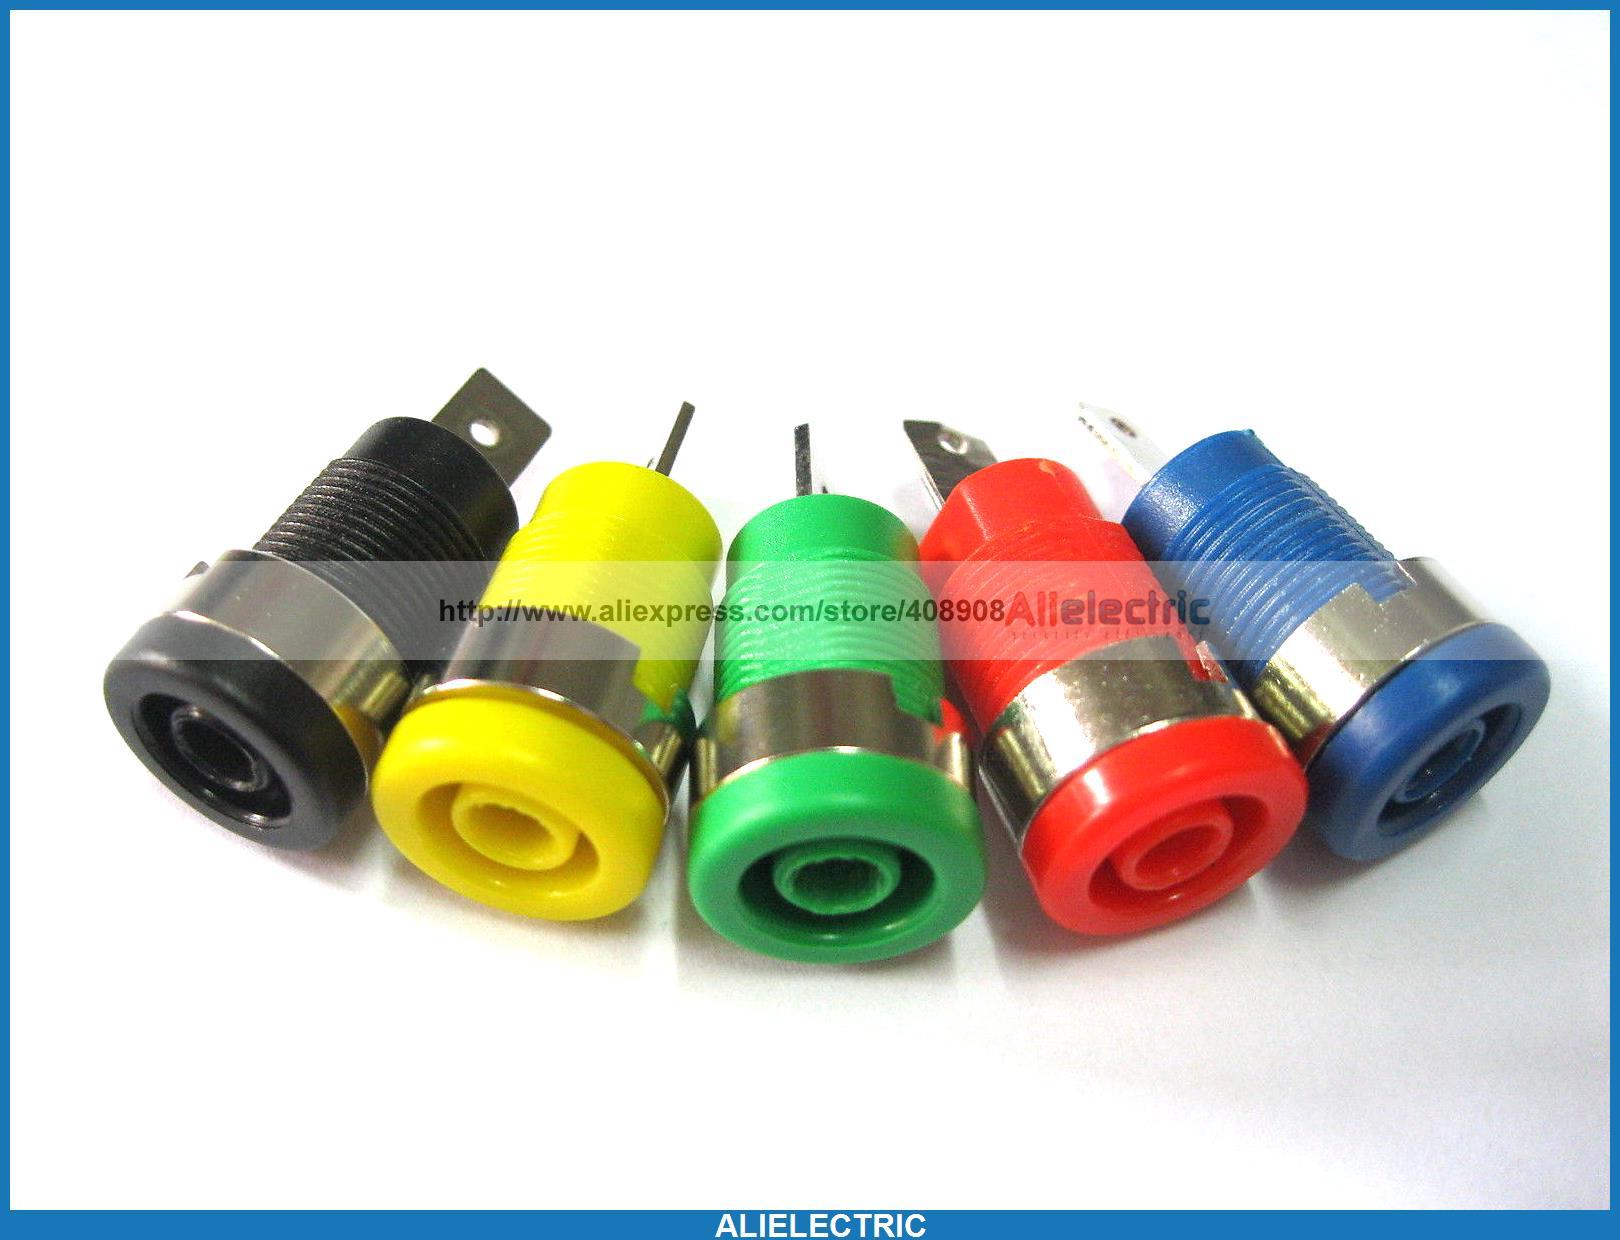 100 Pcs Binding Post Banana Jack for 4mm Safety Protection Plug 5 Colors SL2075